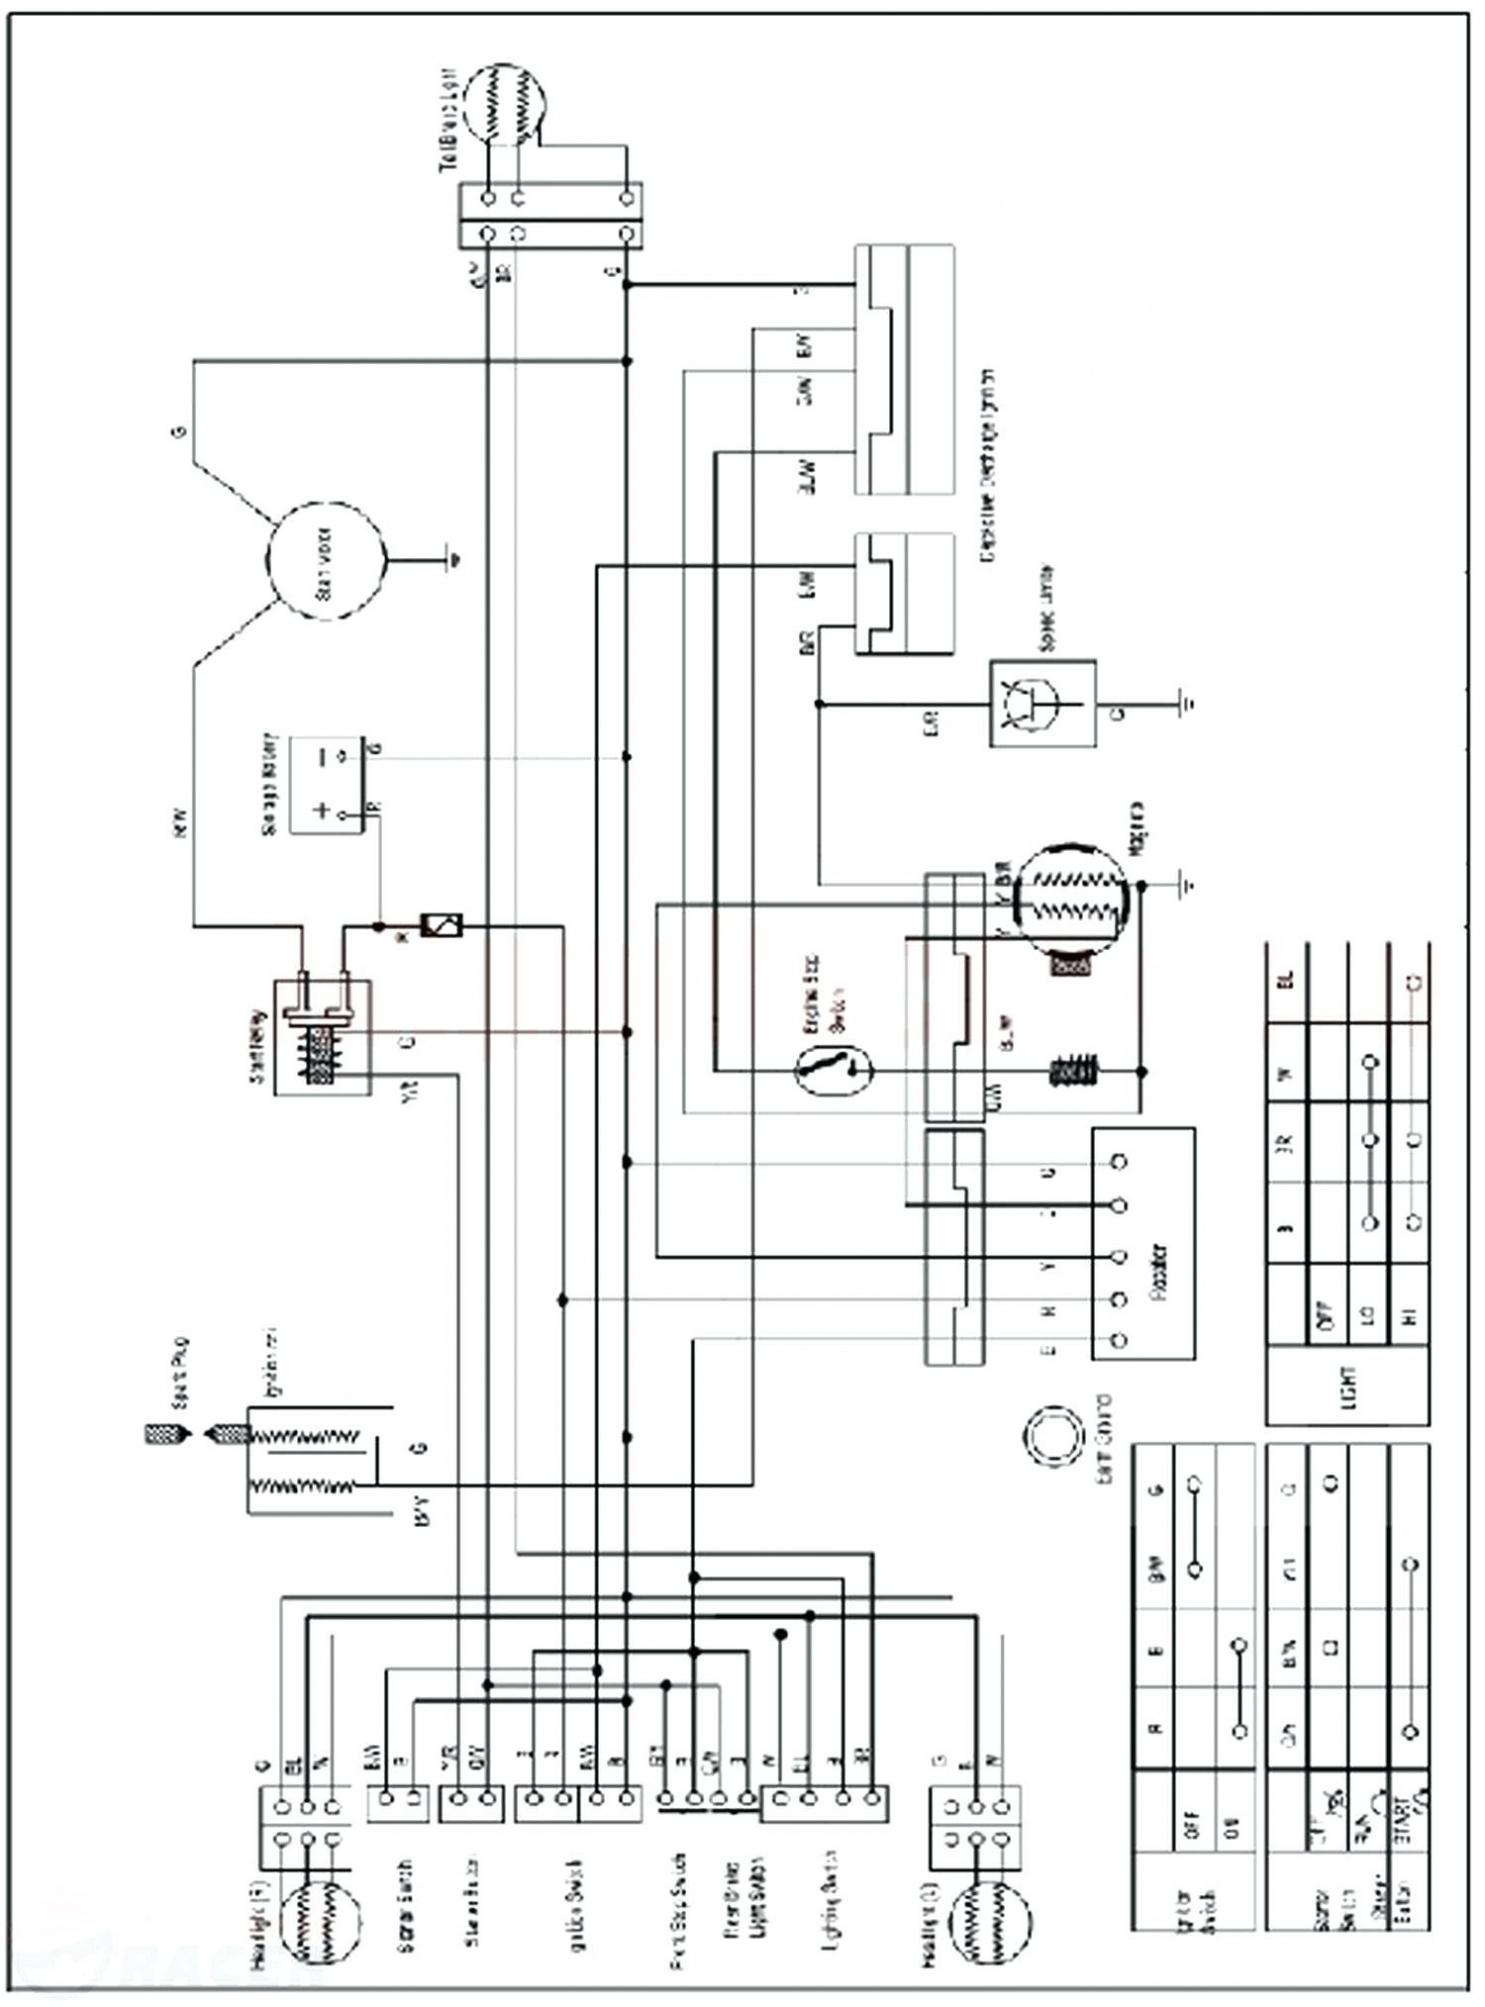 125Cc Taotao Atv Wiring Diagram   Schematic Diagram - Chinese Atv Wiring Diagram 50Cc